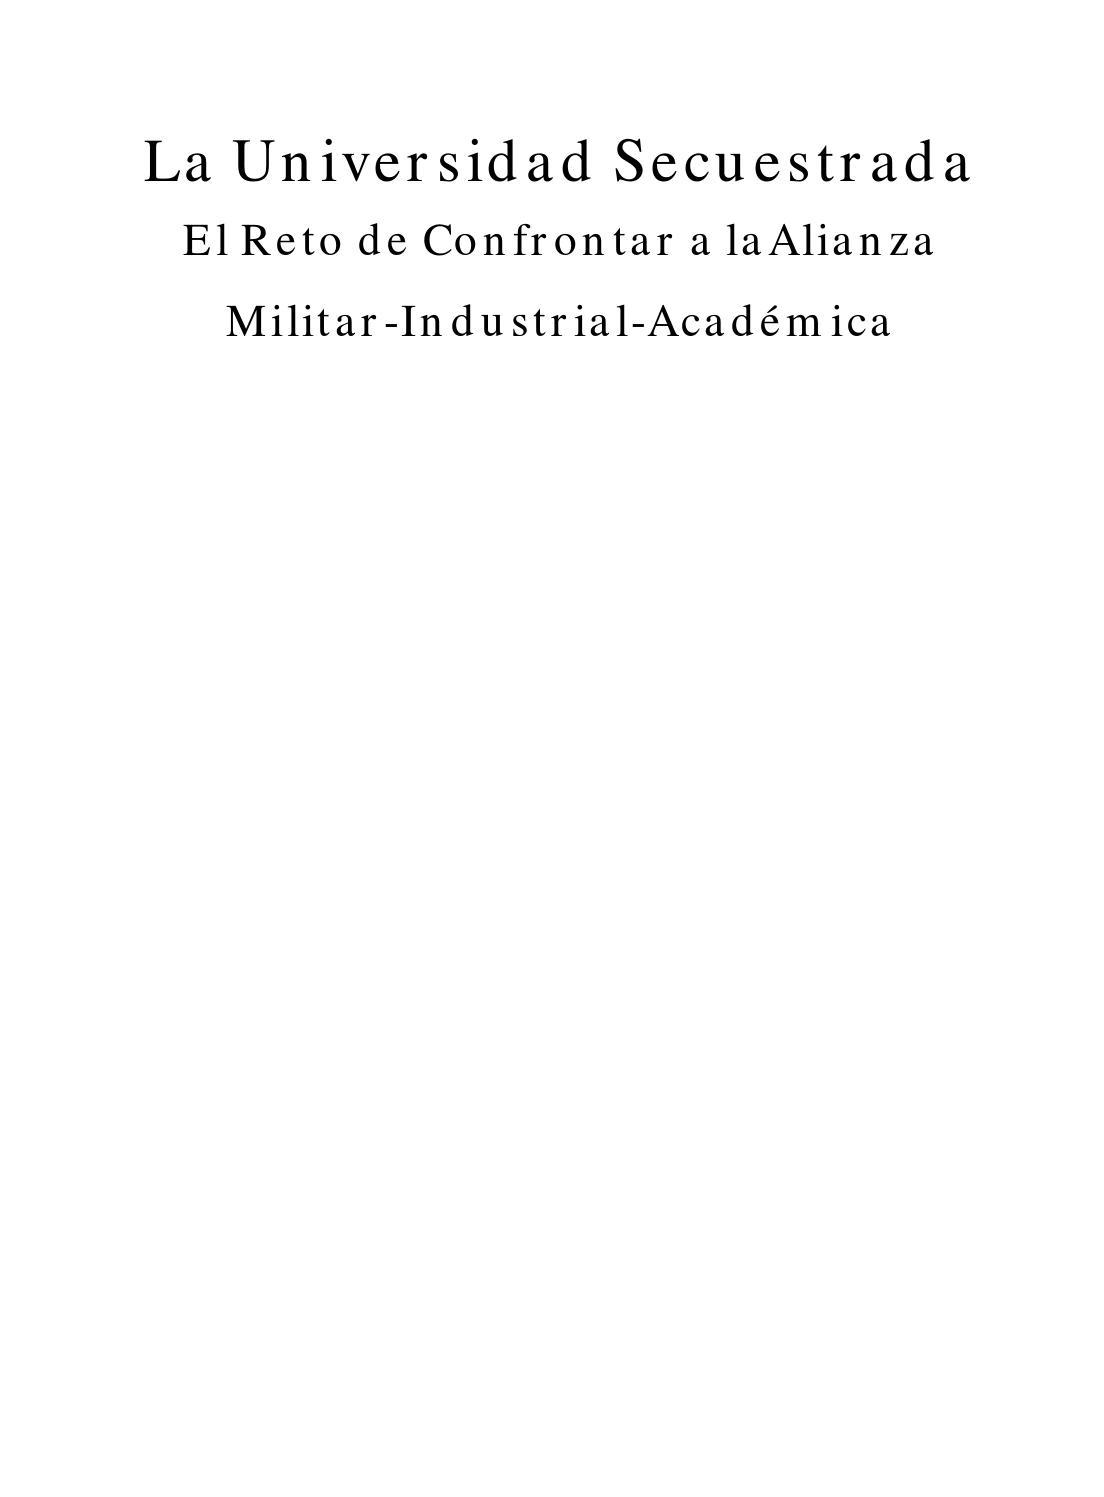 La Universidad Secuestrada by Aceu Medellín - issuu